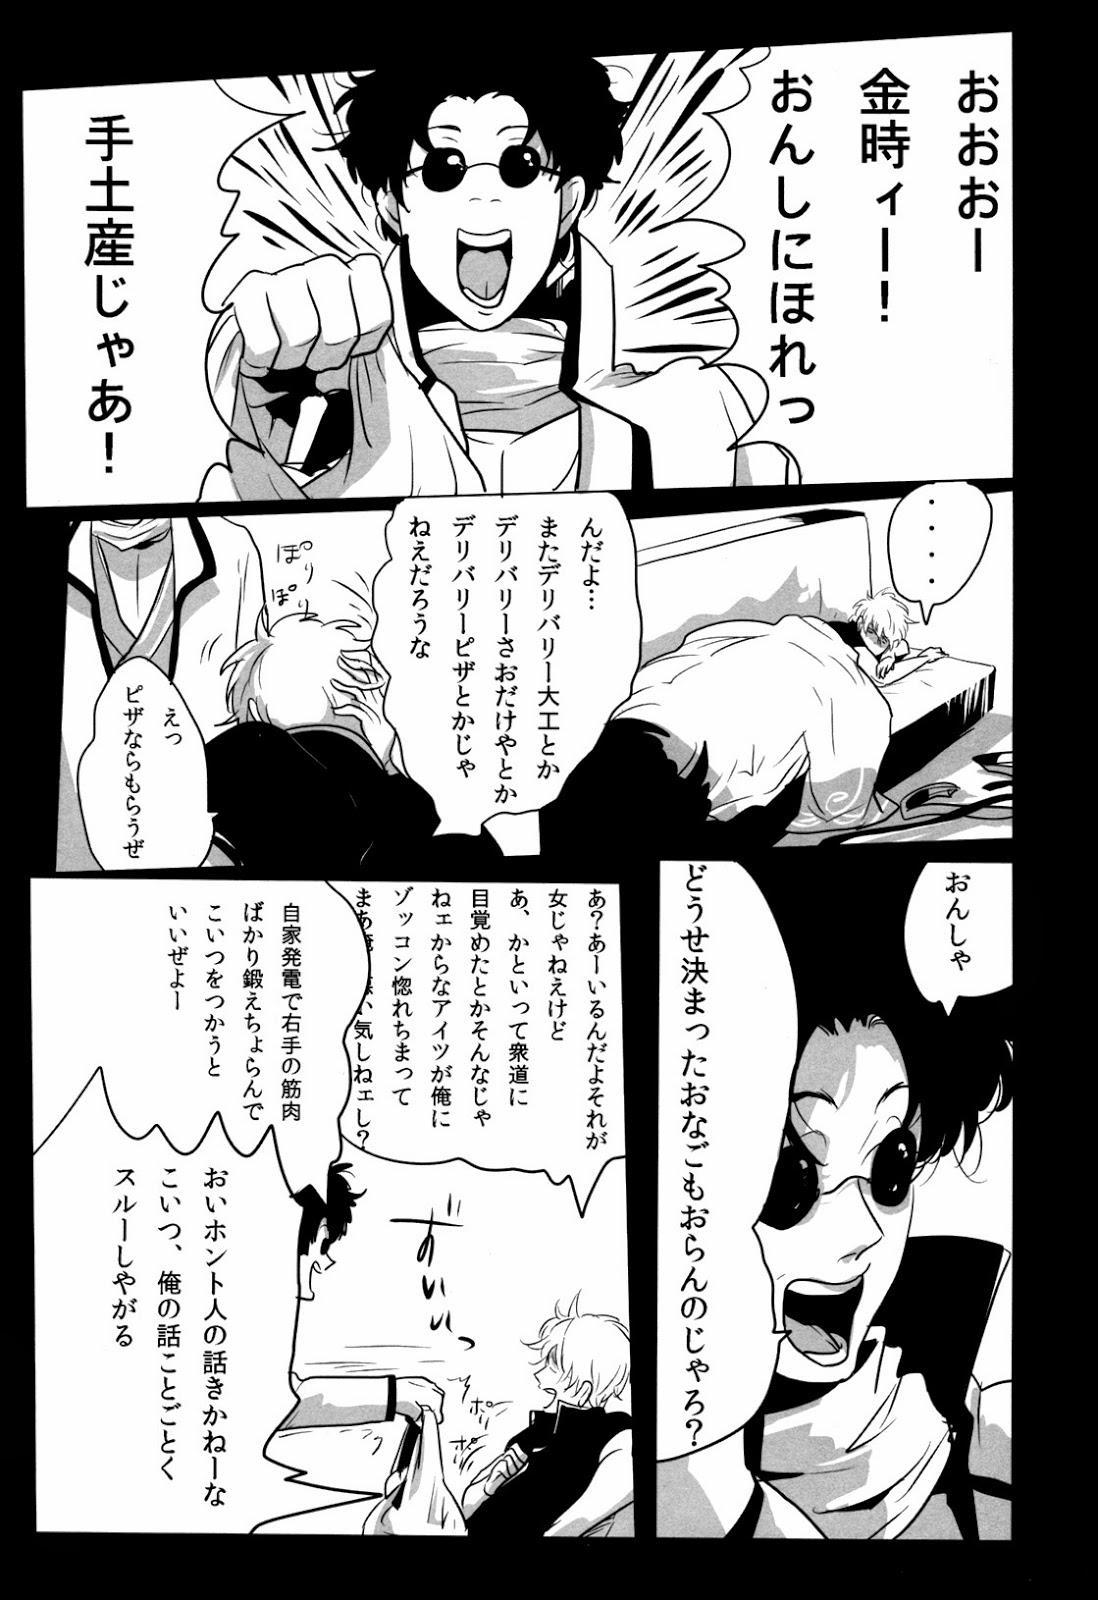 Uchuu Seimeitai Tenga 3